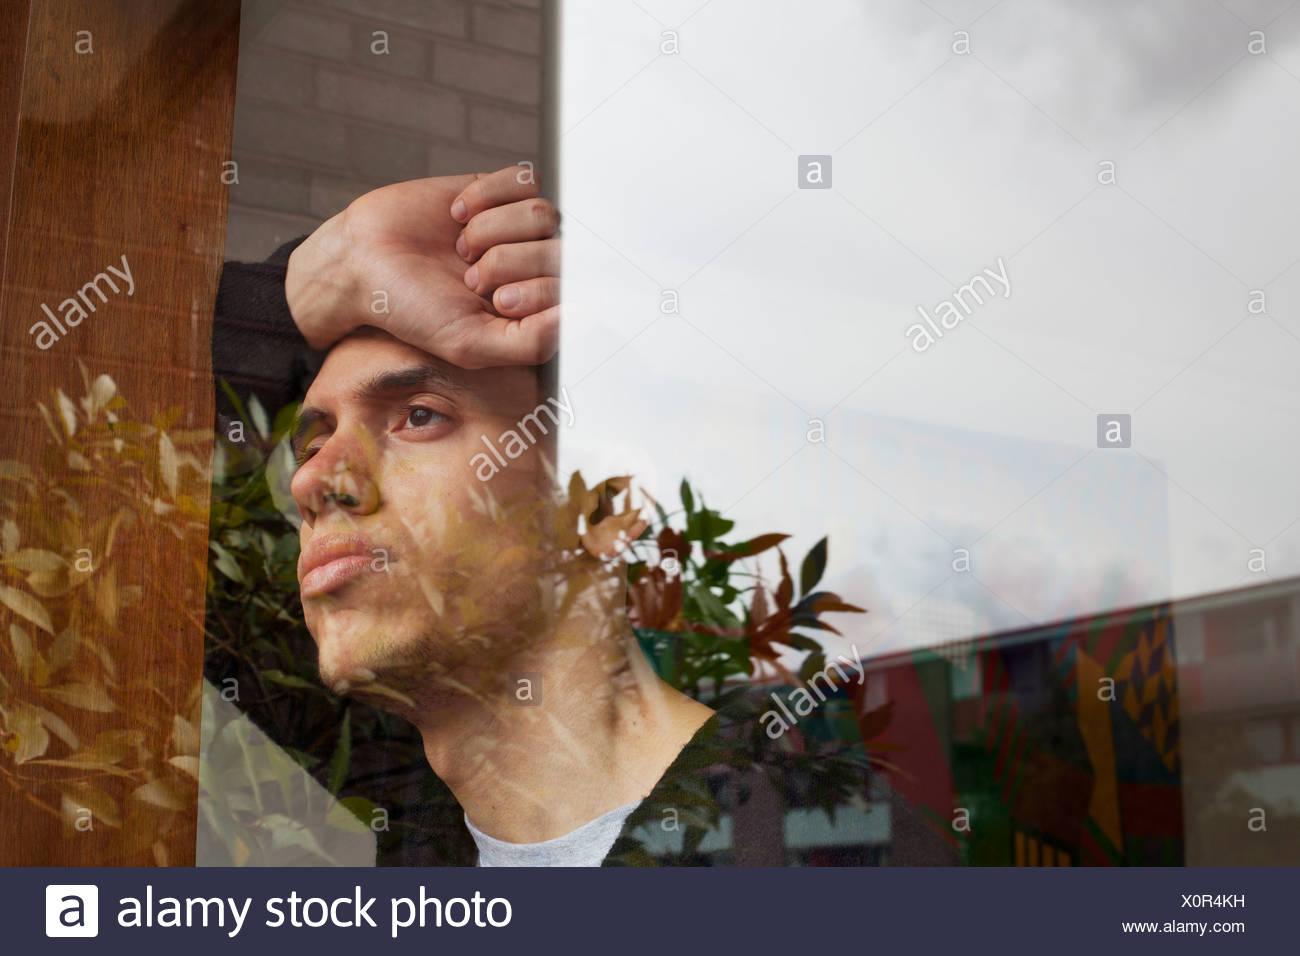 Giovane uomo con la mano sulla testa, guardando attraverso la finestra Immagini Stock